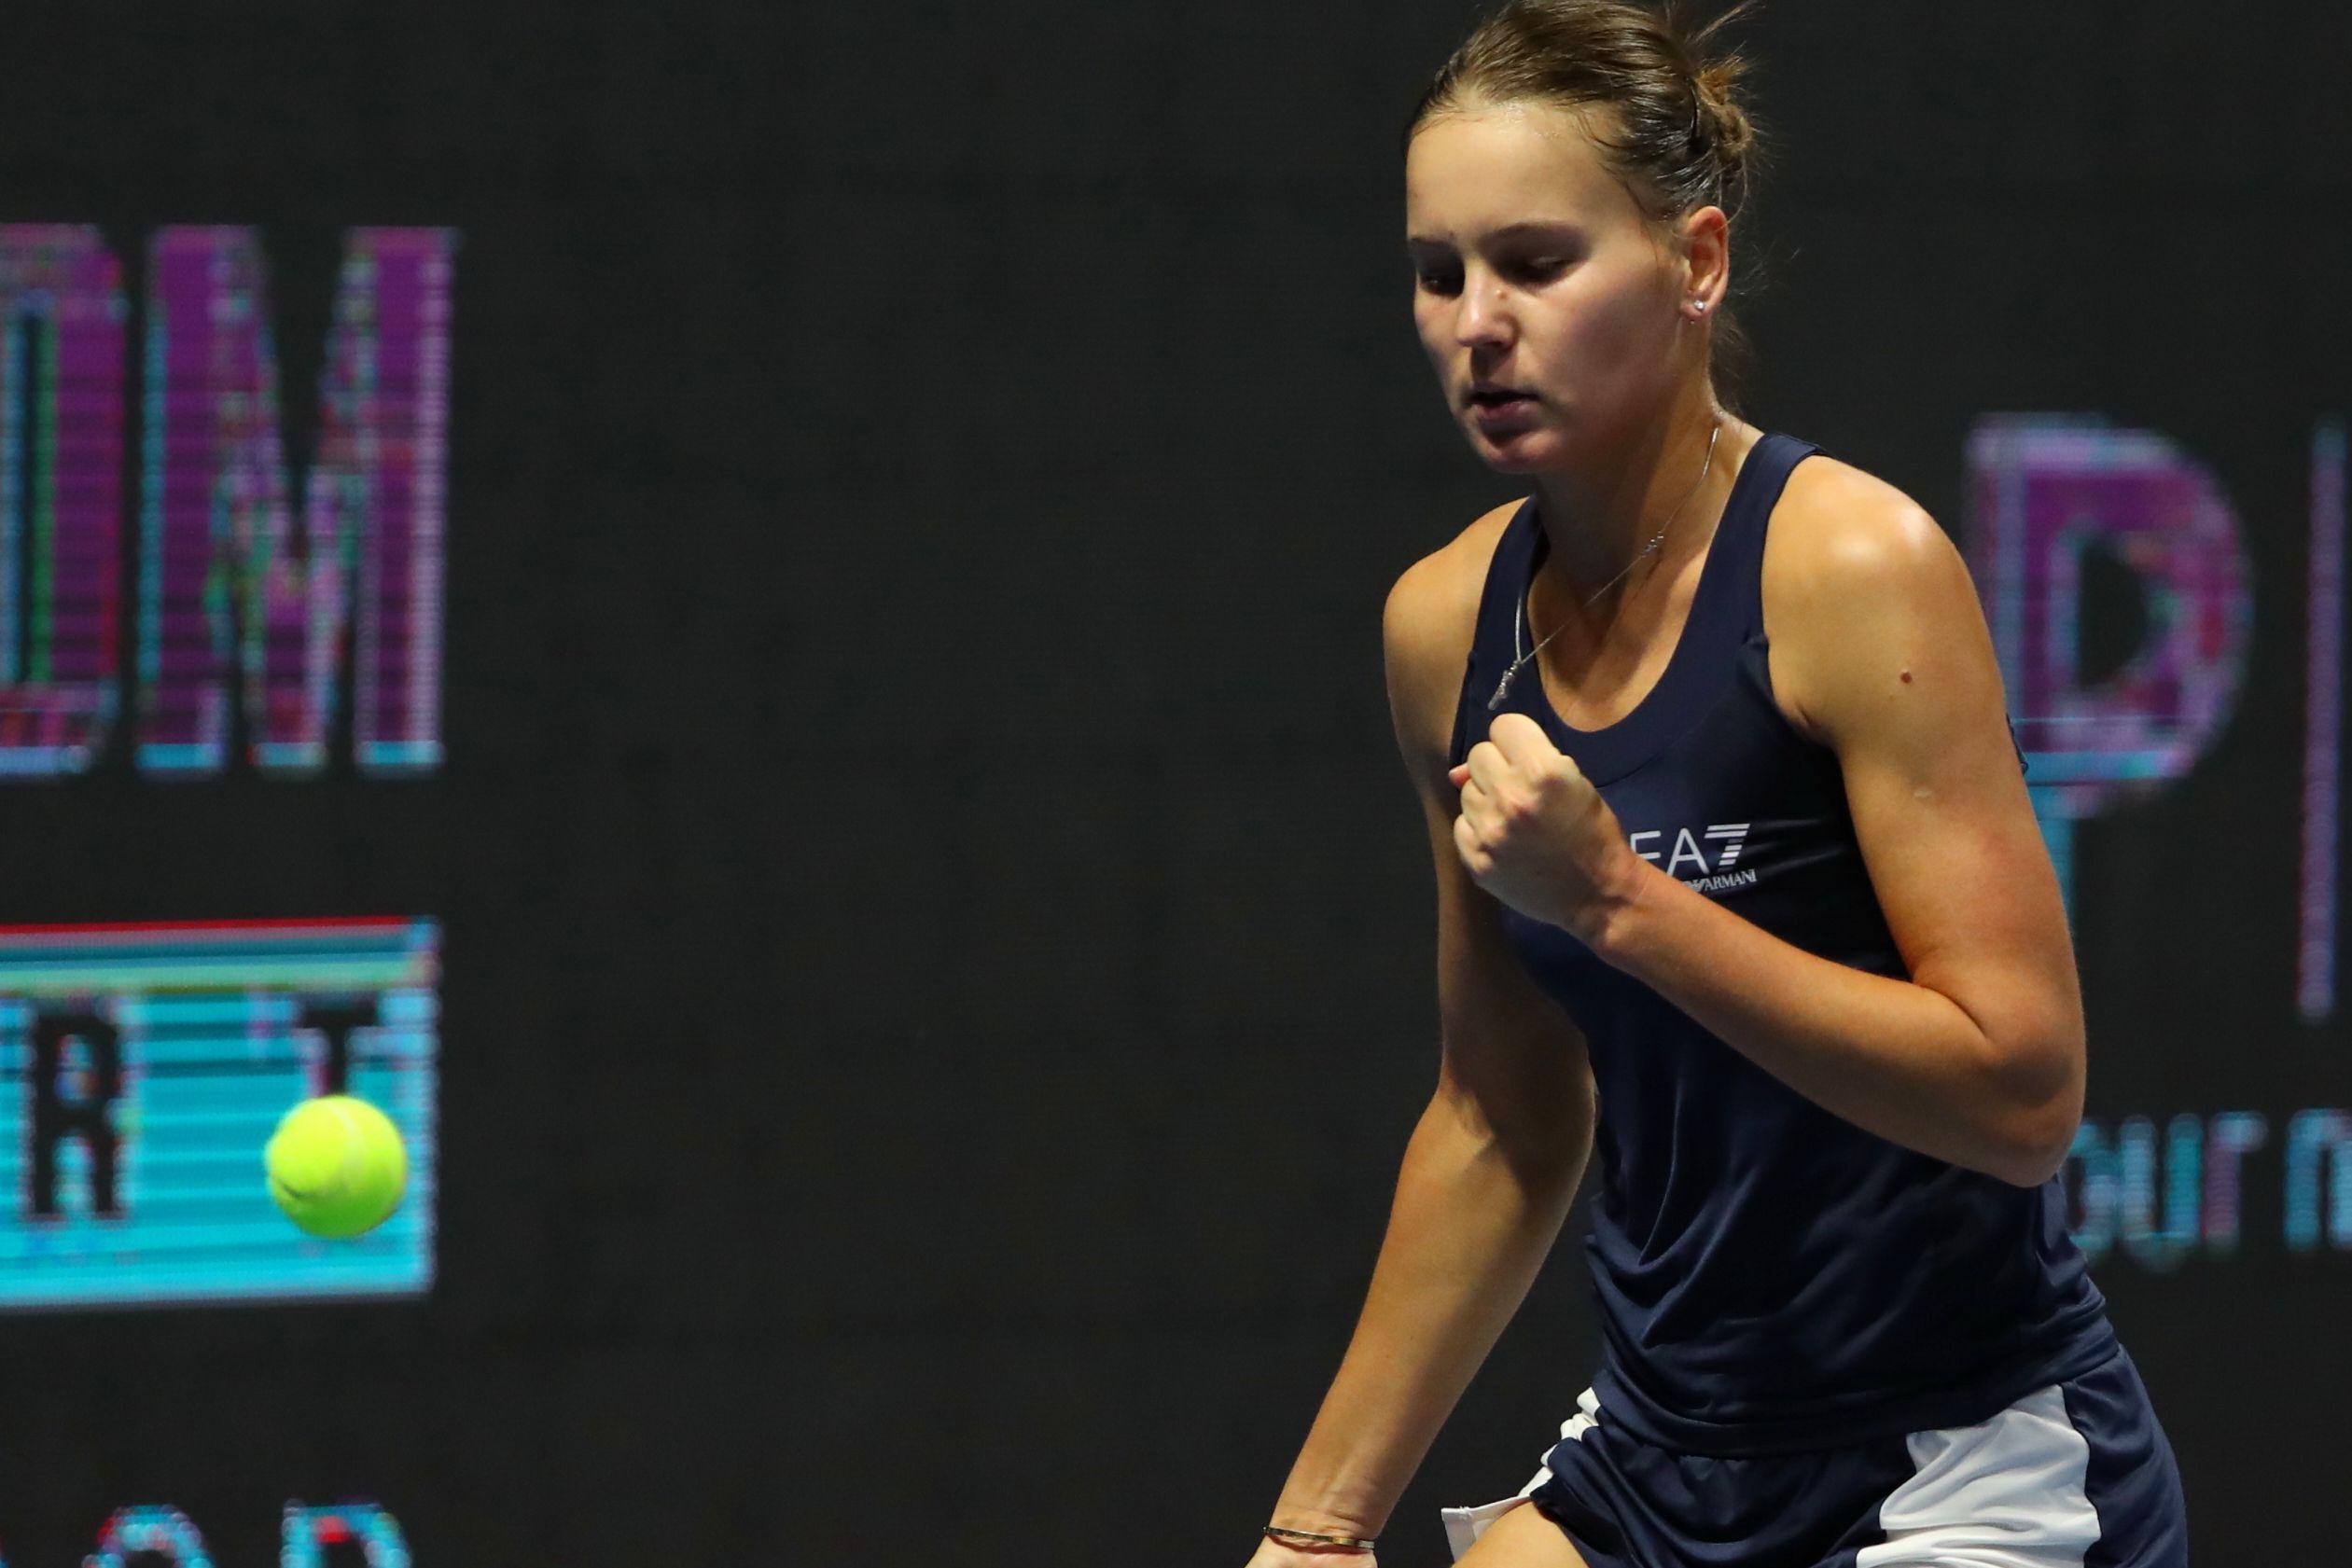 Кудерметова - о финале турнира в Абу-Даби: 'Думаю, на Соболенко будет чуть больше давления, чем на меня'